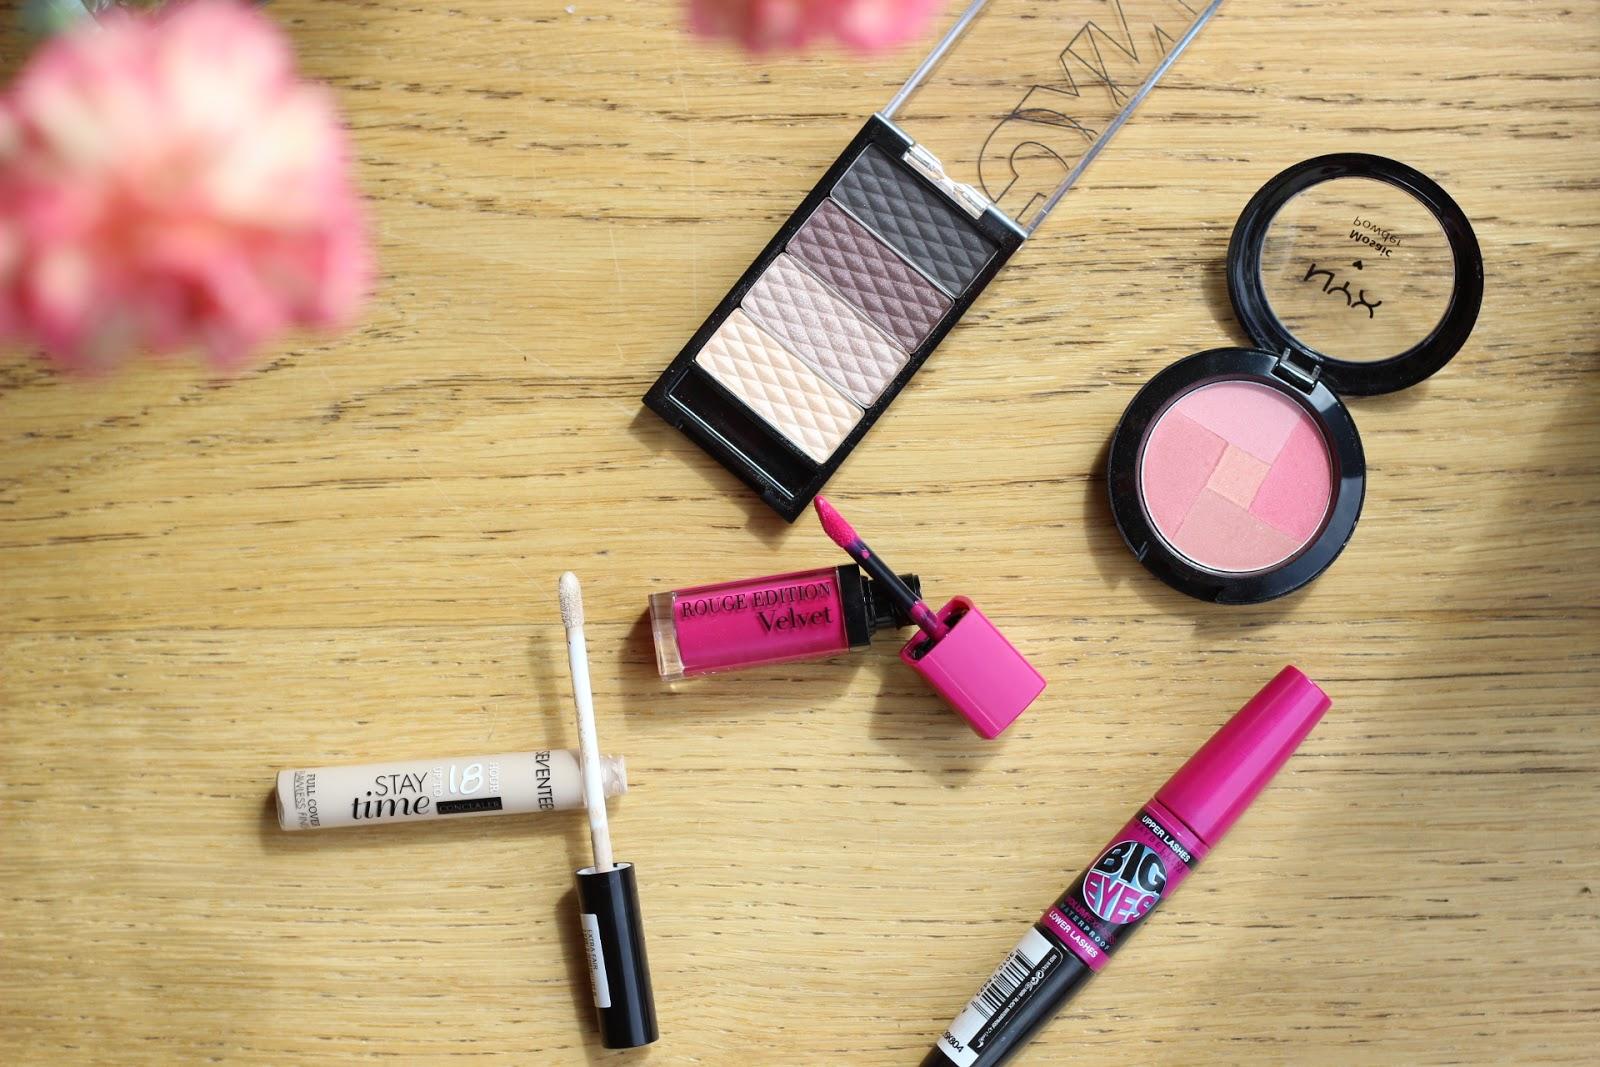 budget makeup, maybelline, bourjois